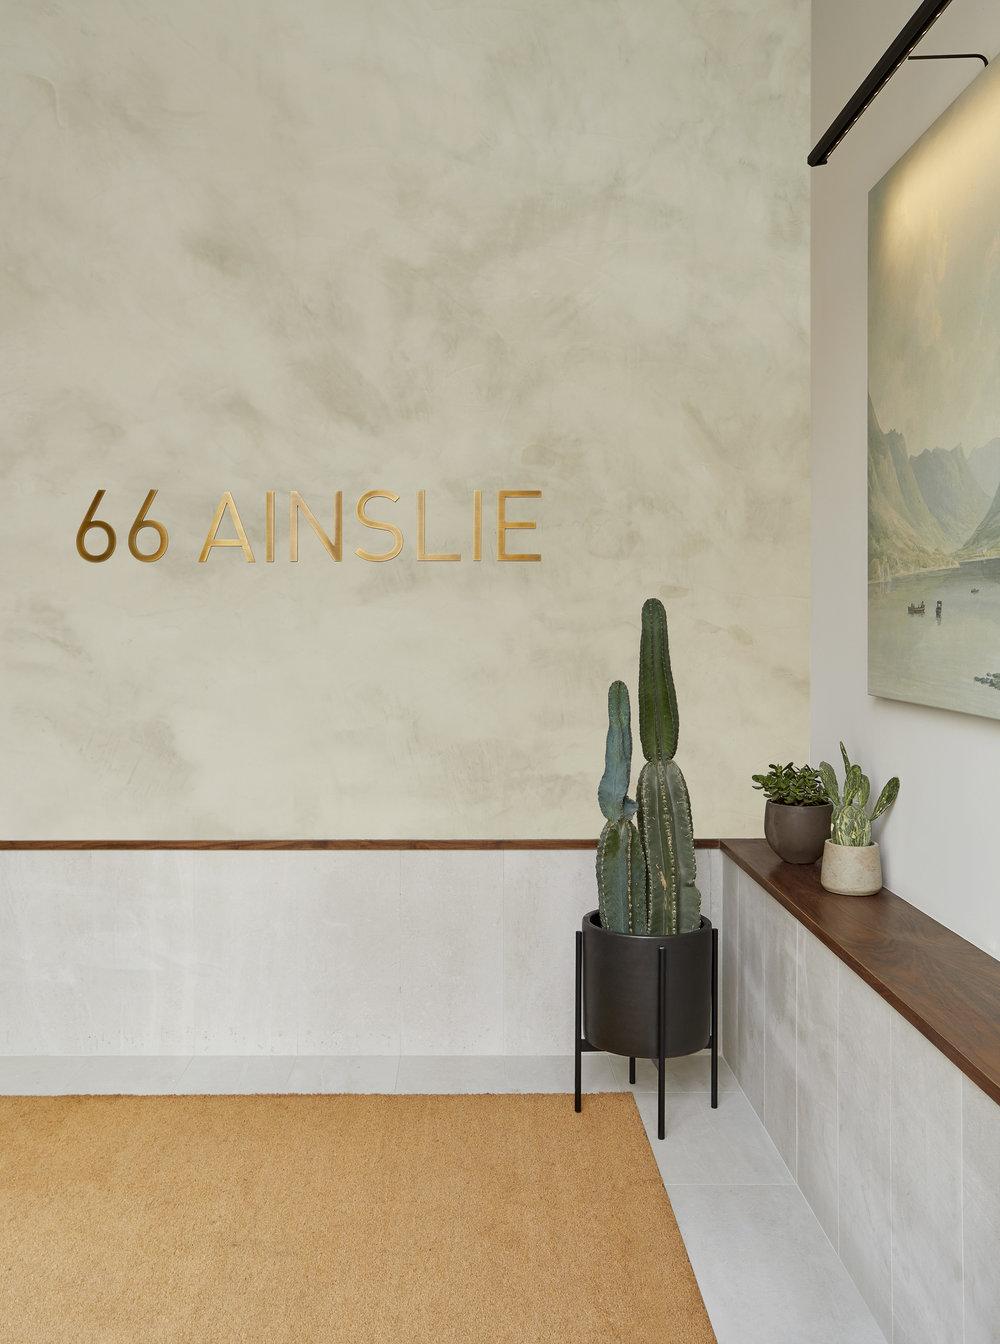 66 AINSLIE